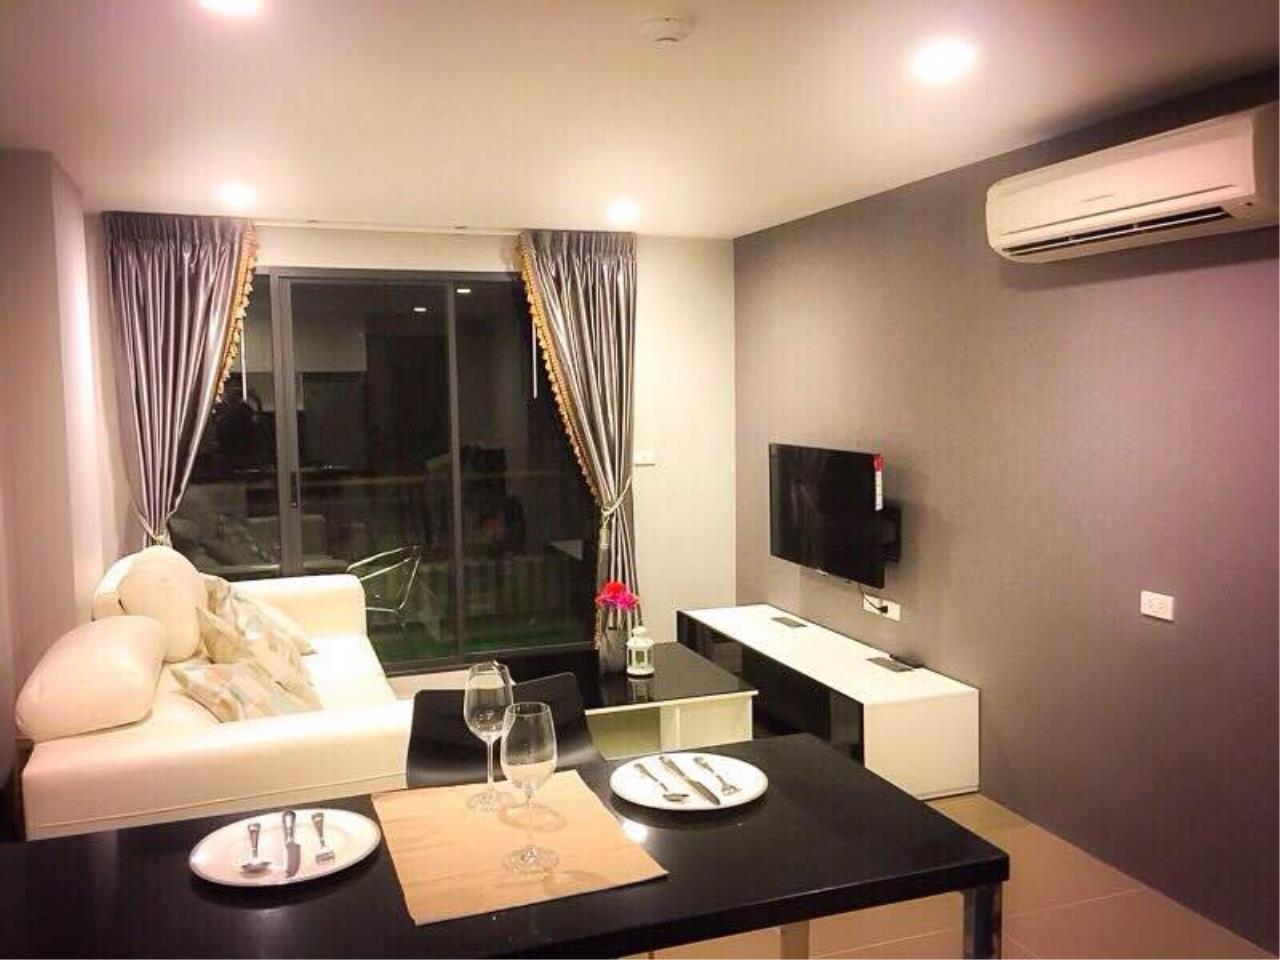 Century21 Skylux Agency's Mirage Sukhumvit 27 / Condo For Sale / 1 Bedroom / 50 SQM / BTS Asok / Bangkok 2